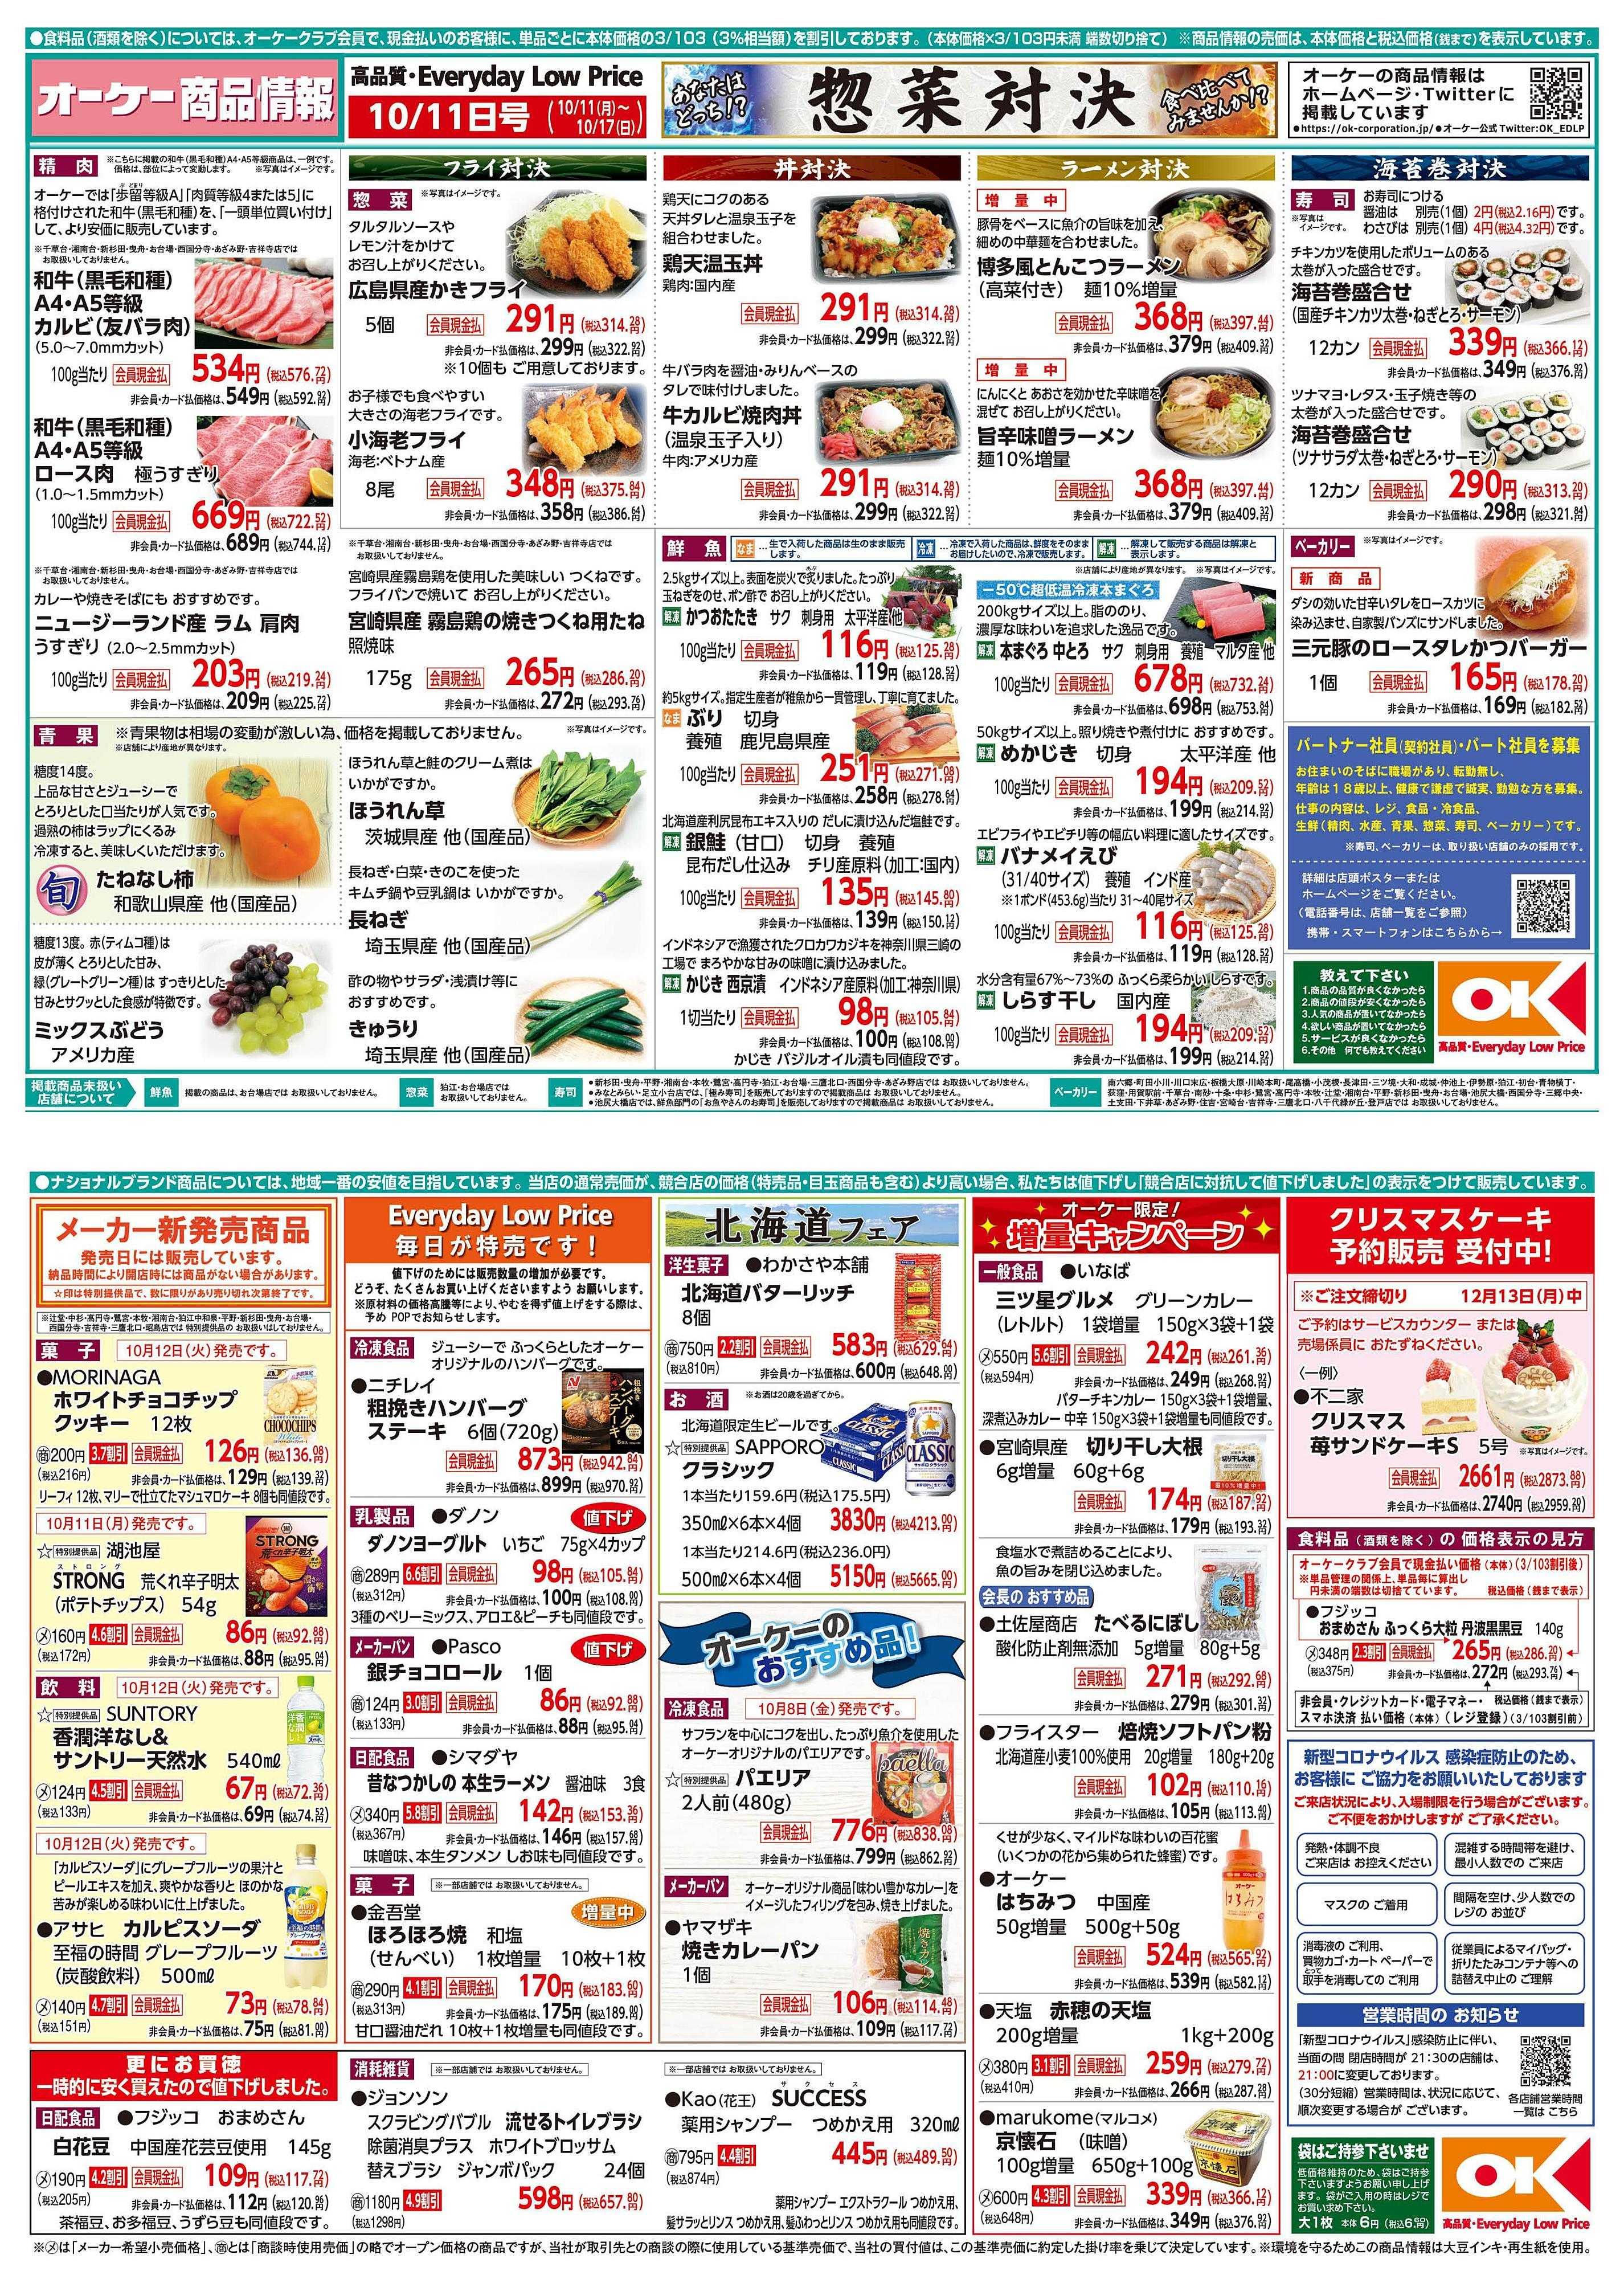 オーケー 商品情報紙10月11日号